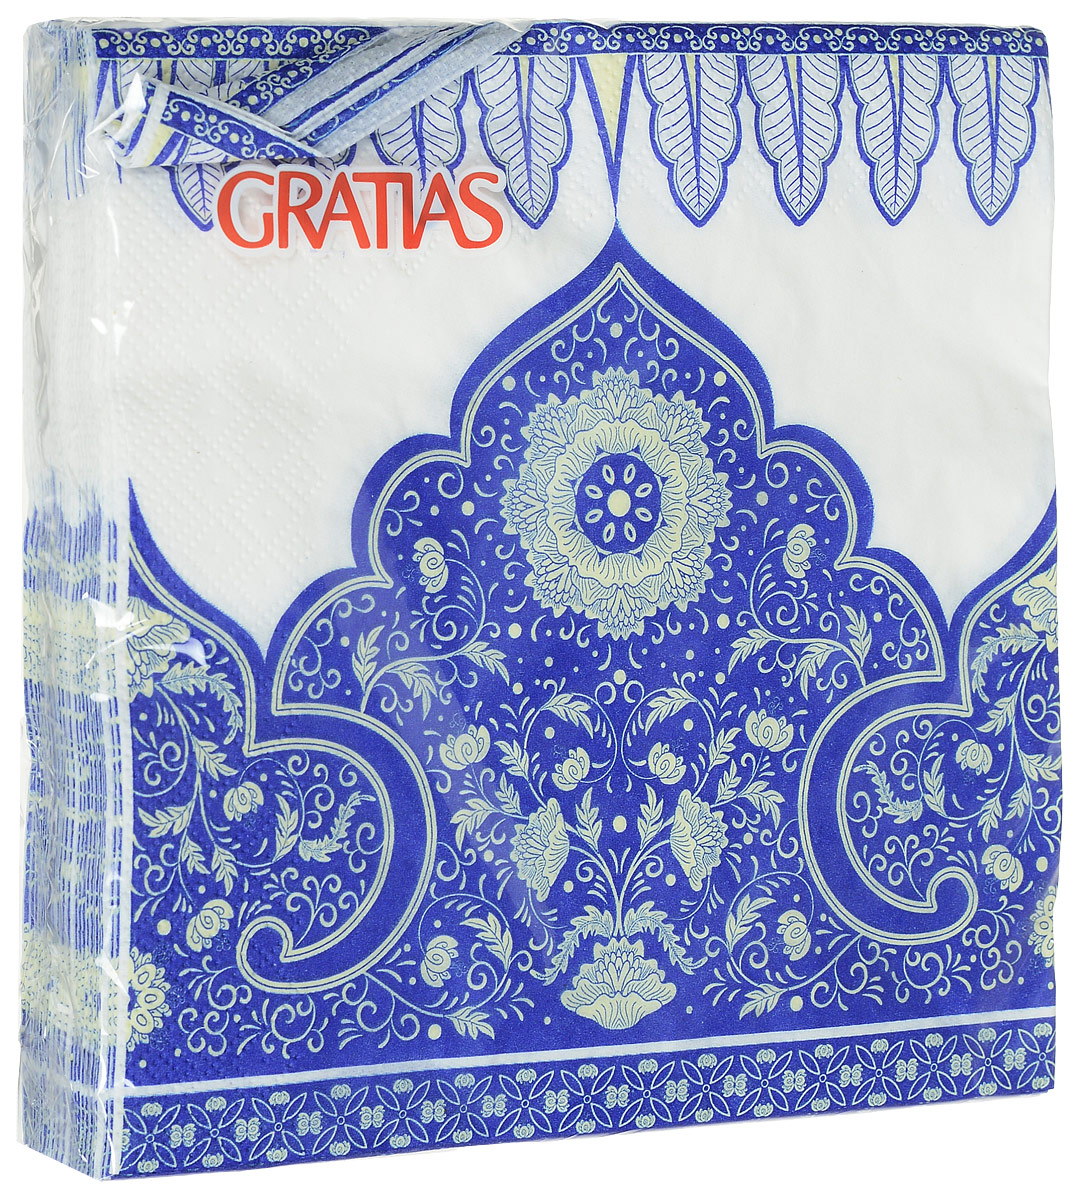 Салфетки бумажные Gratias Персия, трехслойные, 33 х 33 см, 20 шт1899Трехслойные бумажные салфетки Gratias Персия, выполненные из натуральной целлюлозы, станут отличным дополнением праздничного стола. Они отличаются необычной мягкостью и прочностью. Салфетки красиво оформят сервировку стола. Размер салфеток: 33 х 33 см.